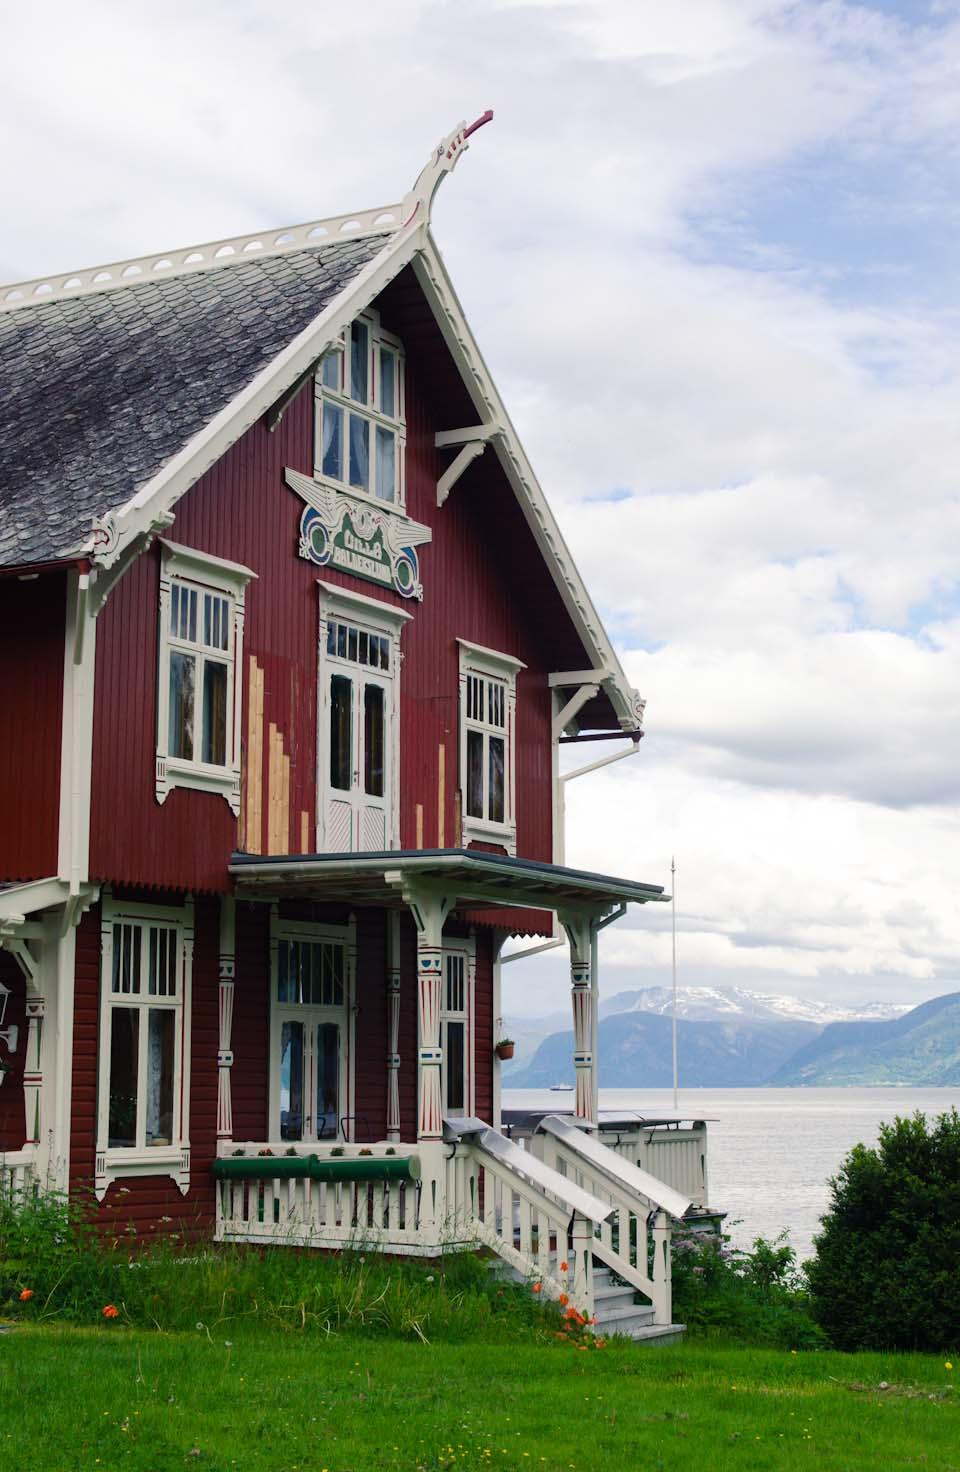 die drachenhäsuer von Balestrand in Norwegen